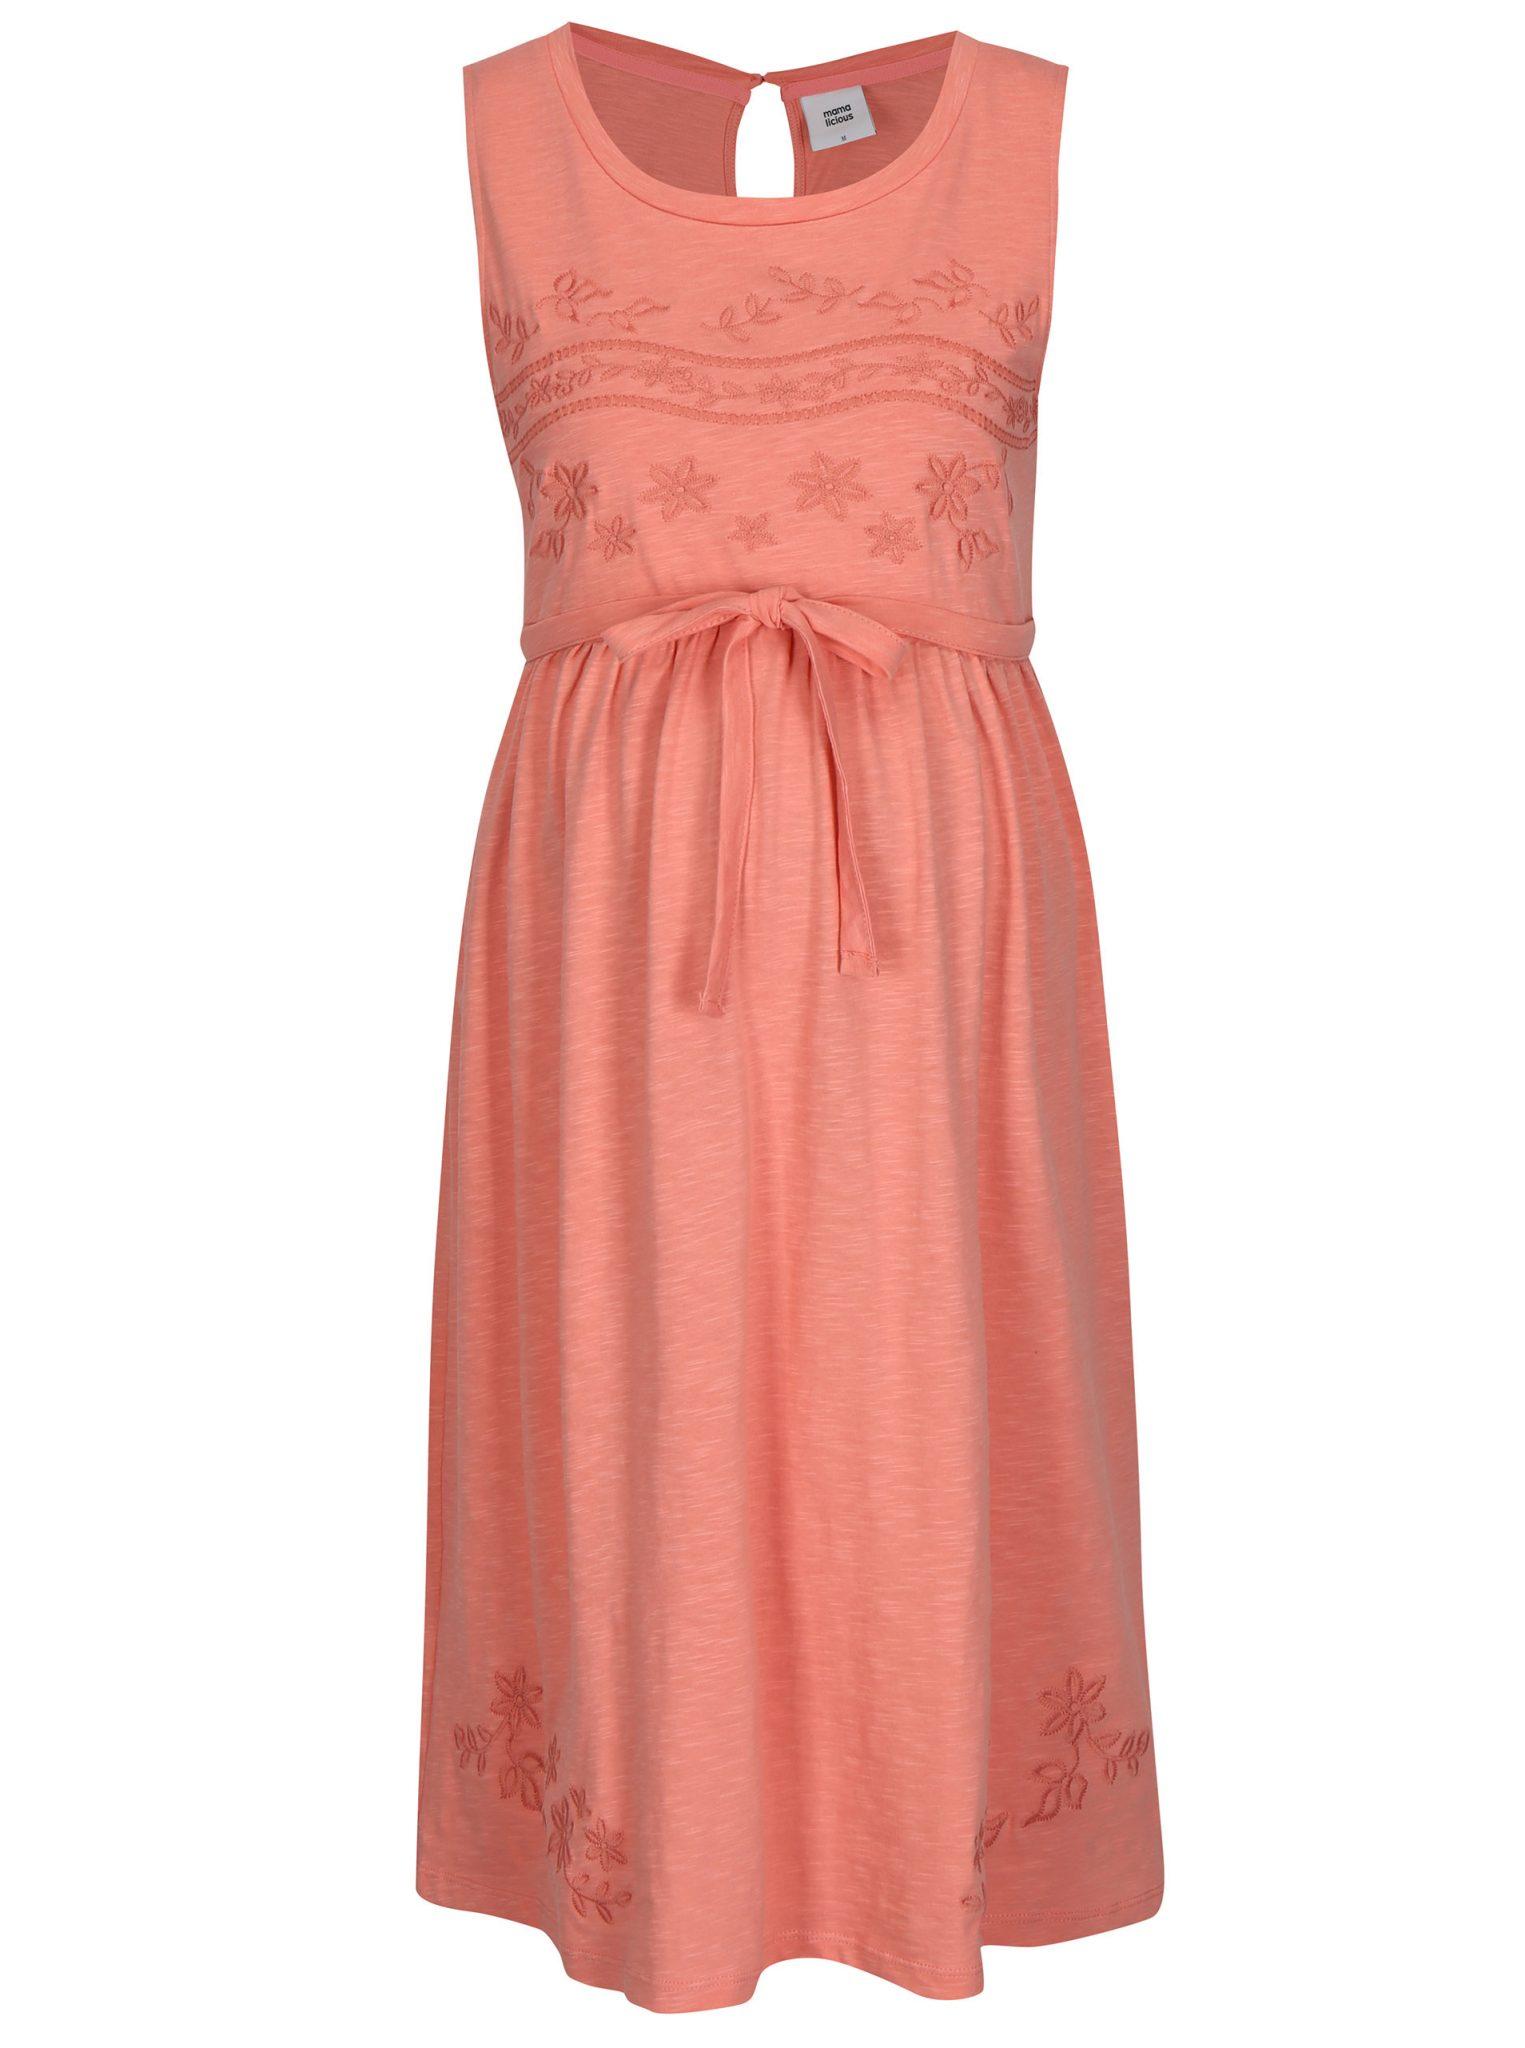 bf6ae9c6a708 Tehotenské šaty na každú príležitosť - Buďte krásnap - Premamičky.eu